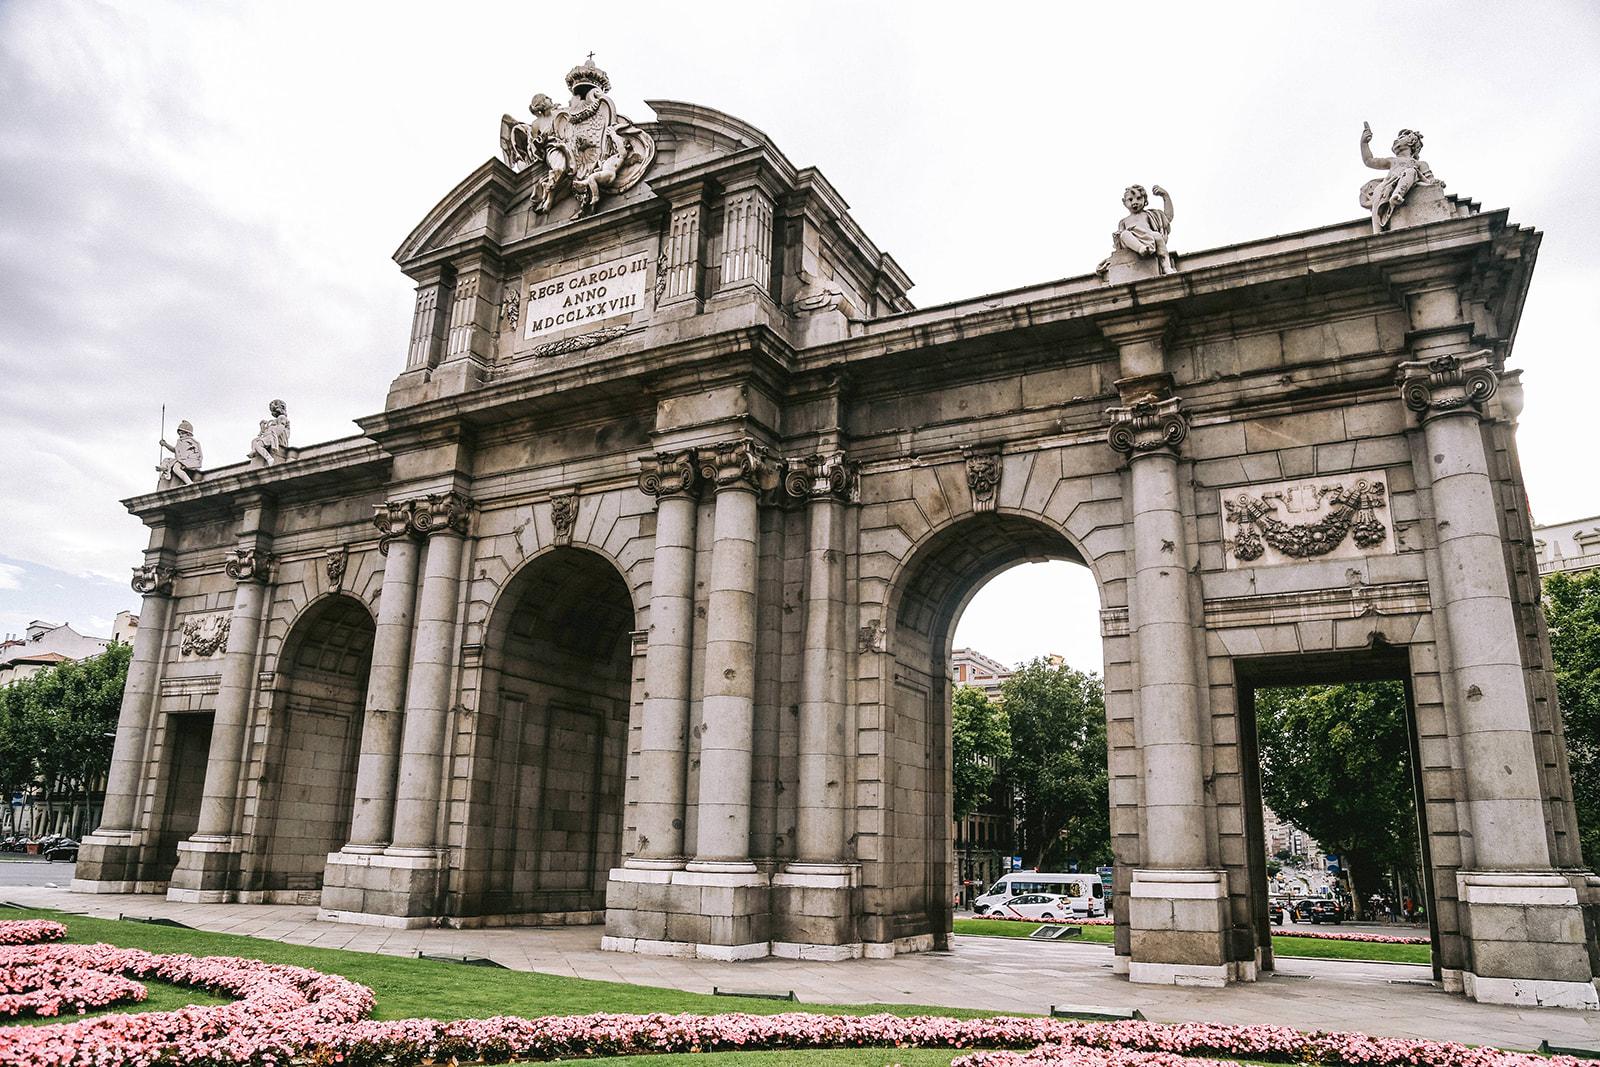 Puerta de Alcalá Plaza de la Independencia, s/n, 28001 Madrid